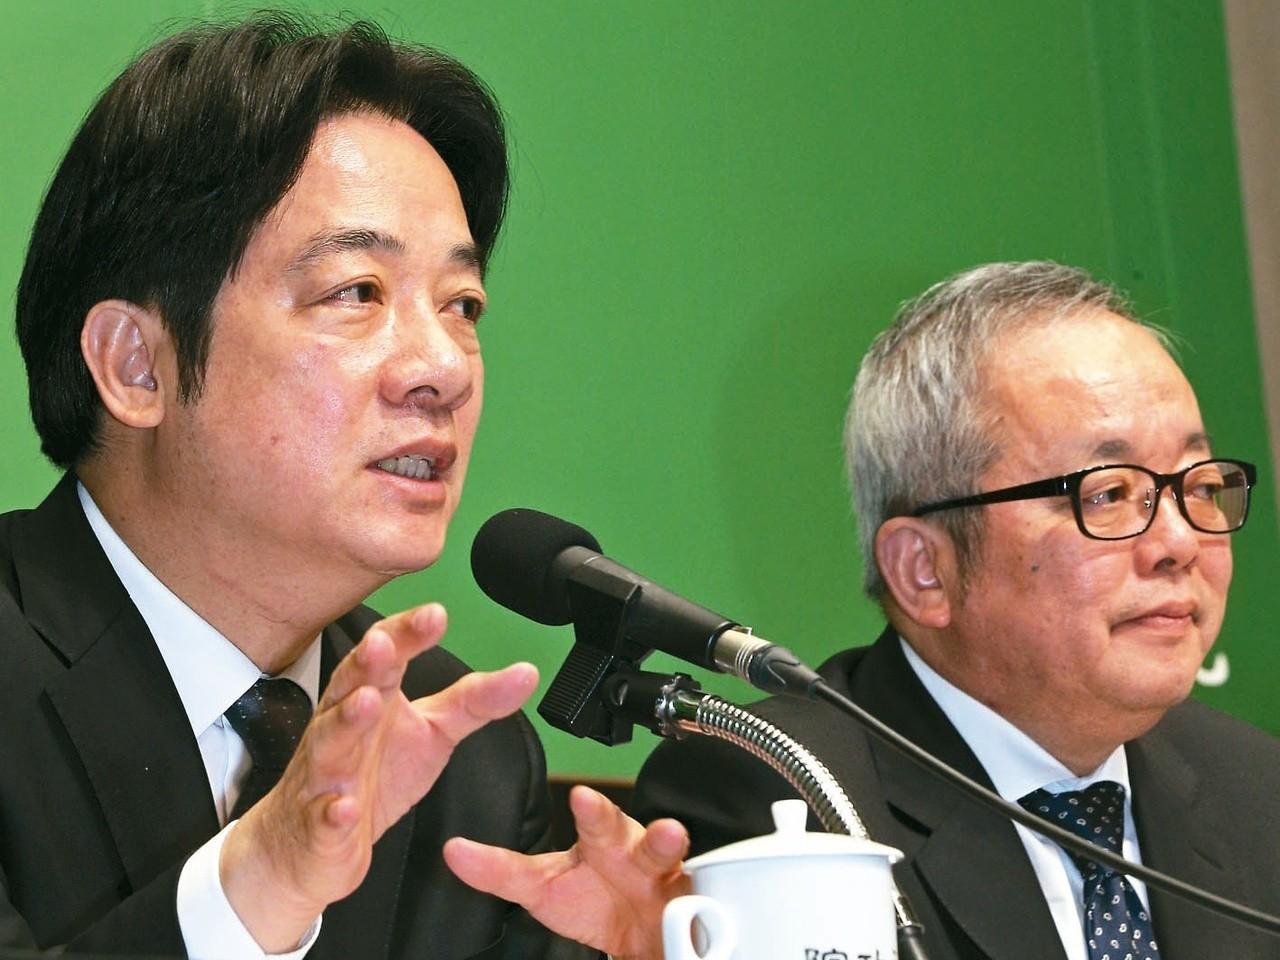 行政院長賴清德(左)日前率領行政院副院長施俊吉(右)等部會首長舉行記者會,宣示要...